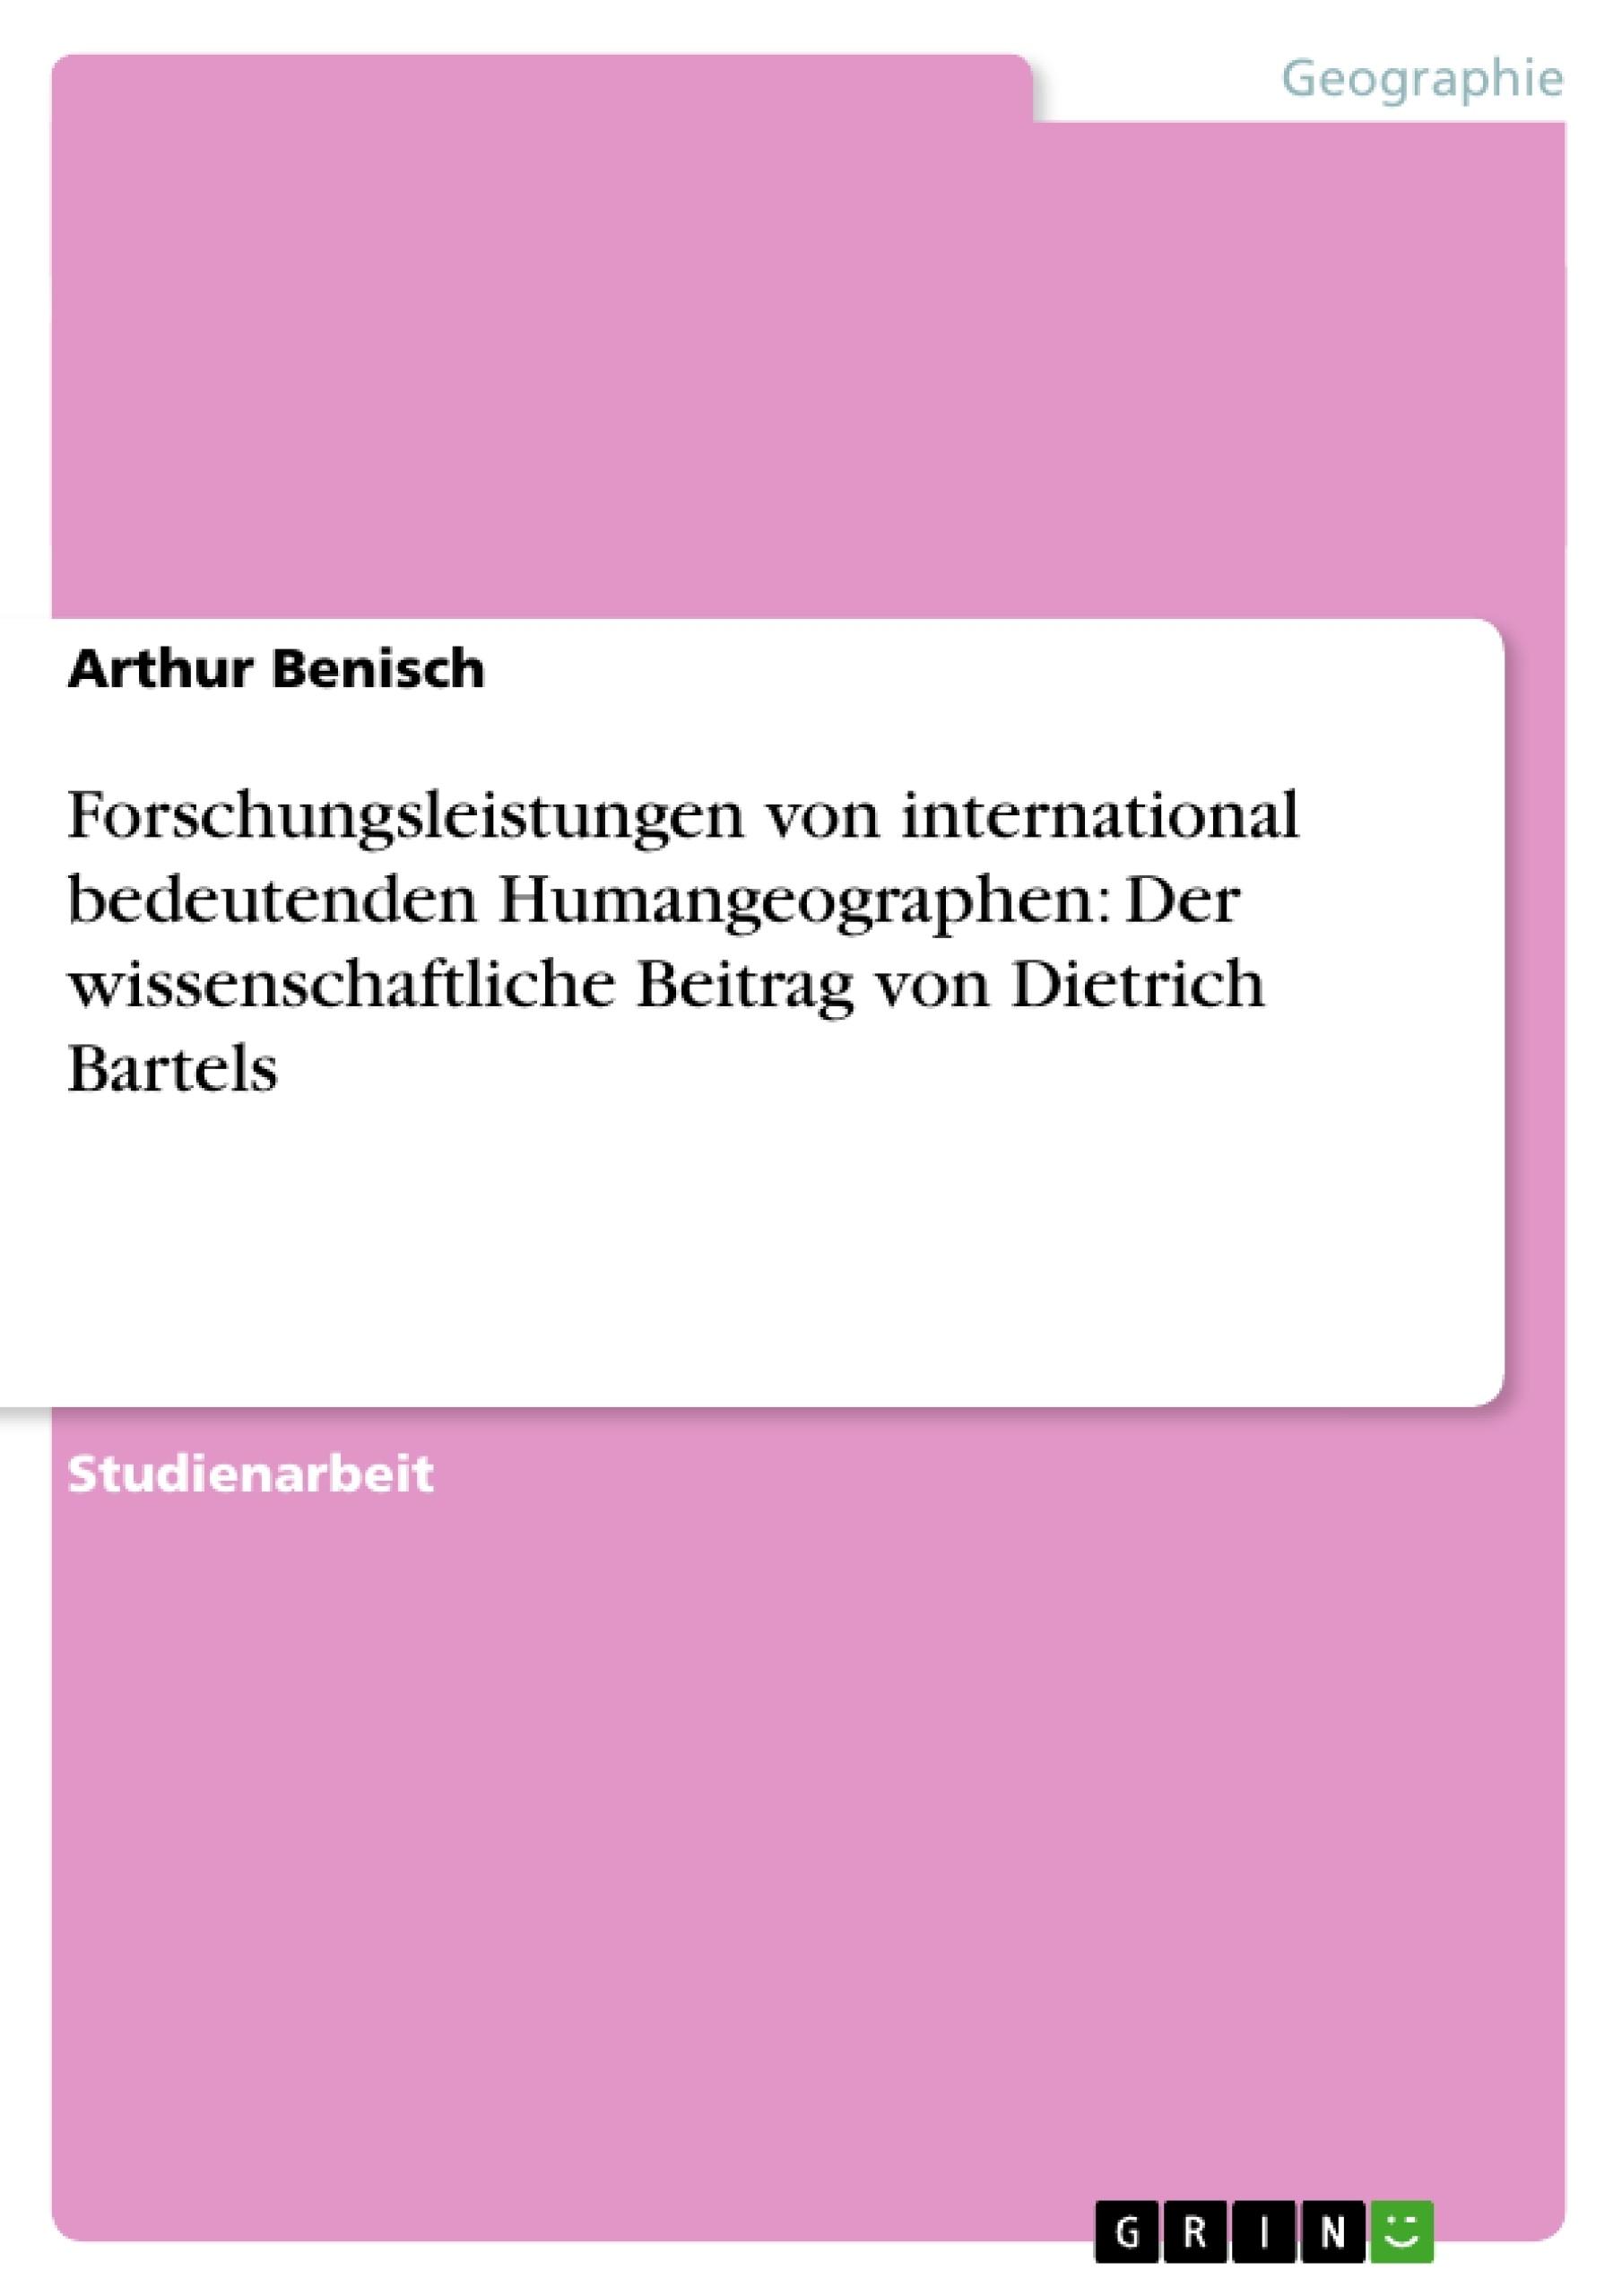 Titel: Forschungsleistungen von international bedeutenden Humangeographen: Der wissenschaftliche Beitrag von Dietrich Bartels